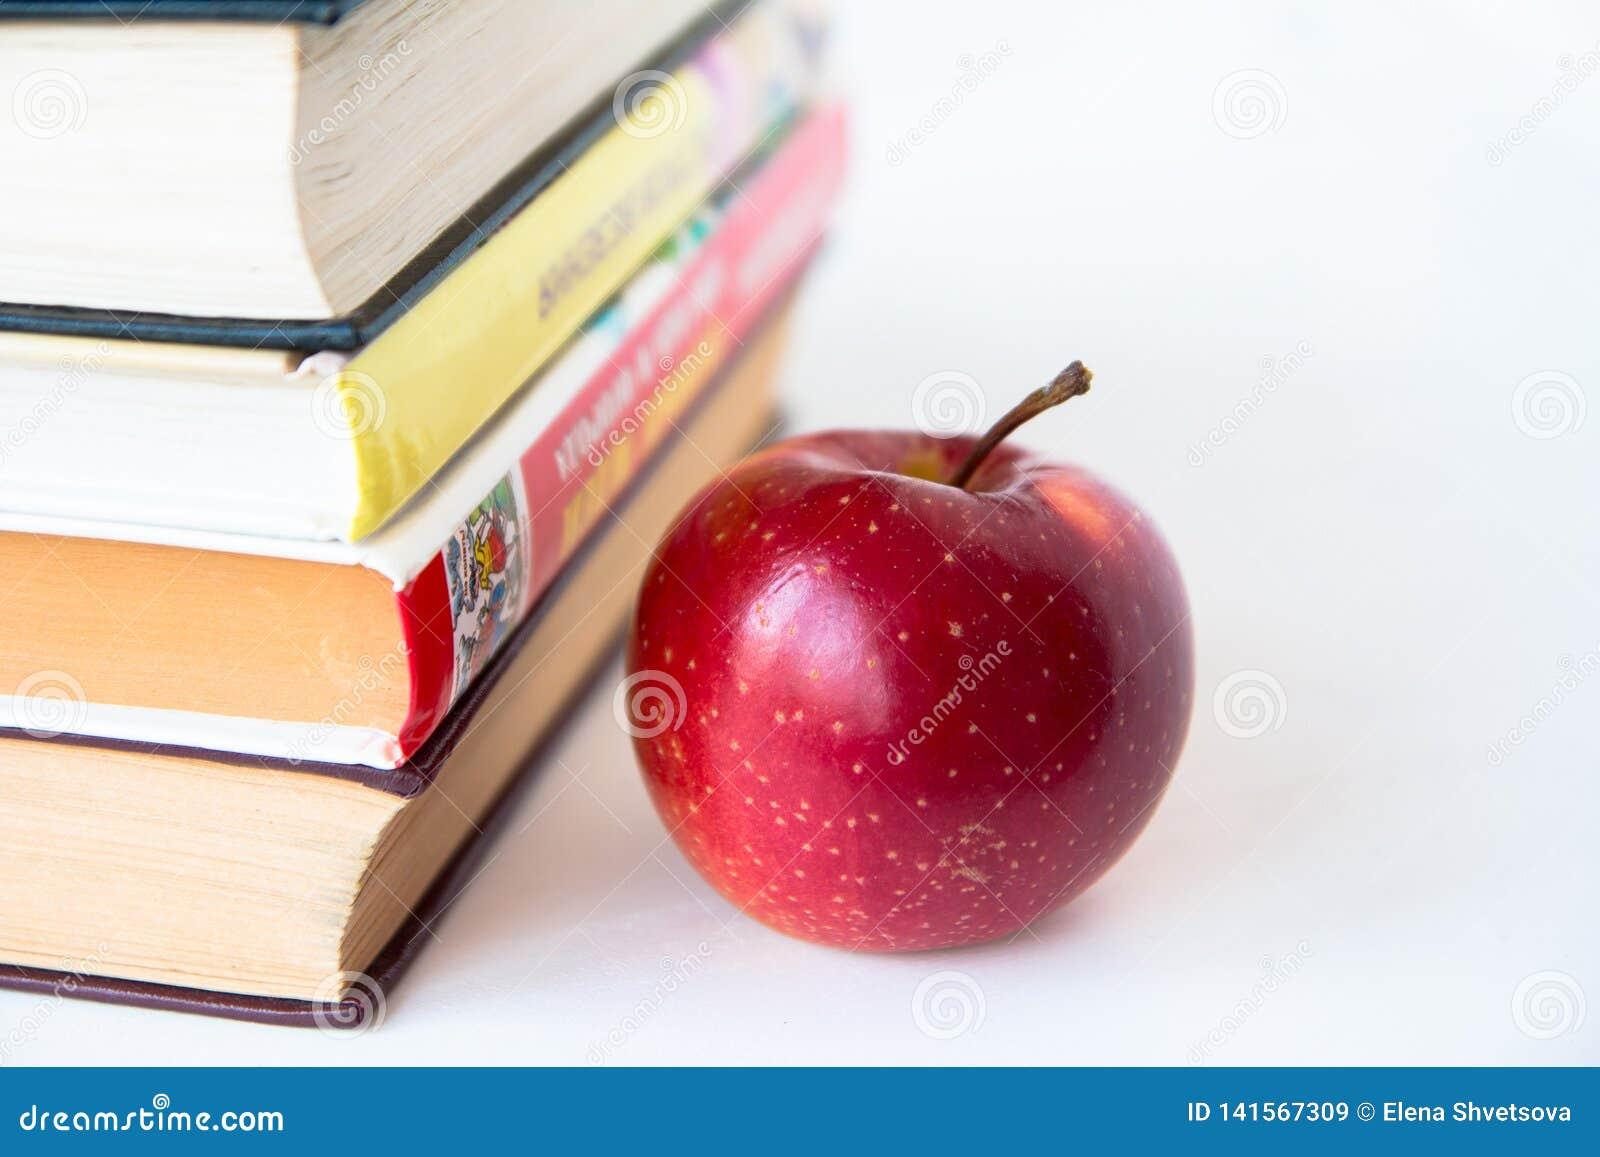 Красное зрелое сочное яблоко около книг